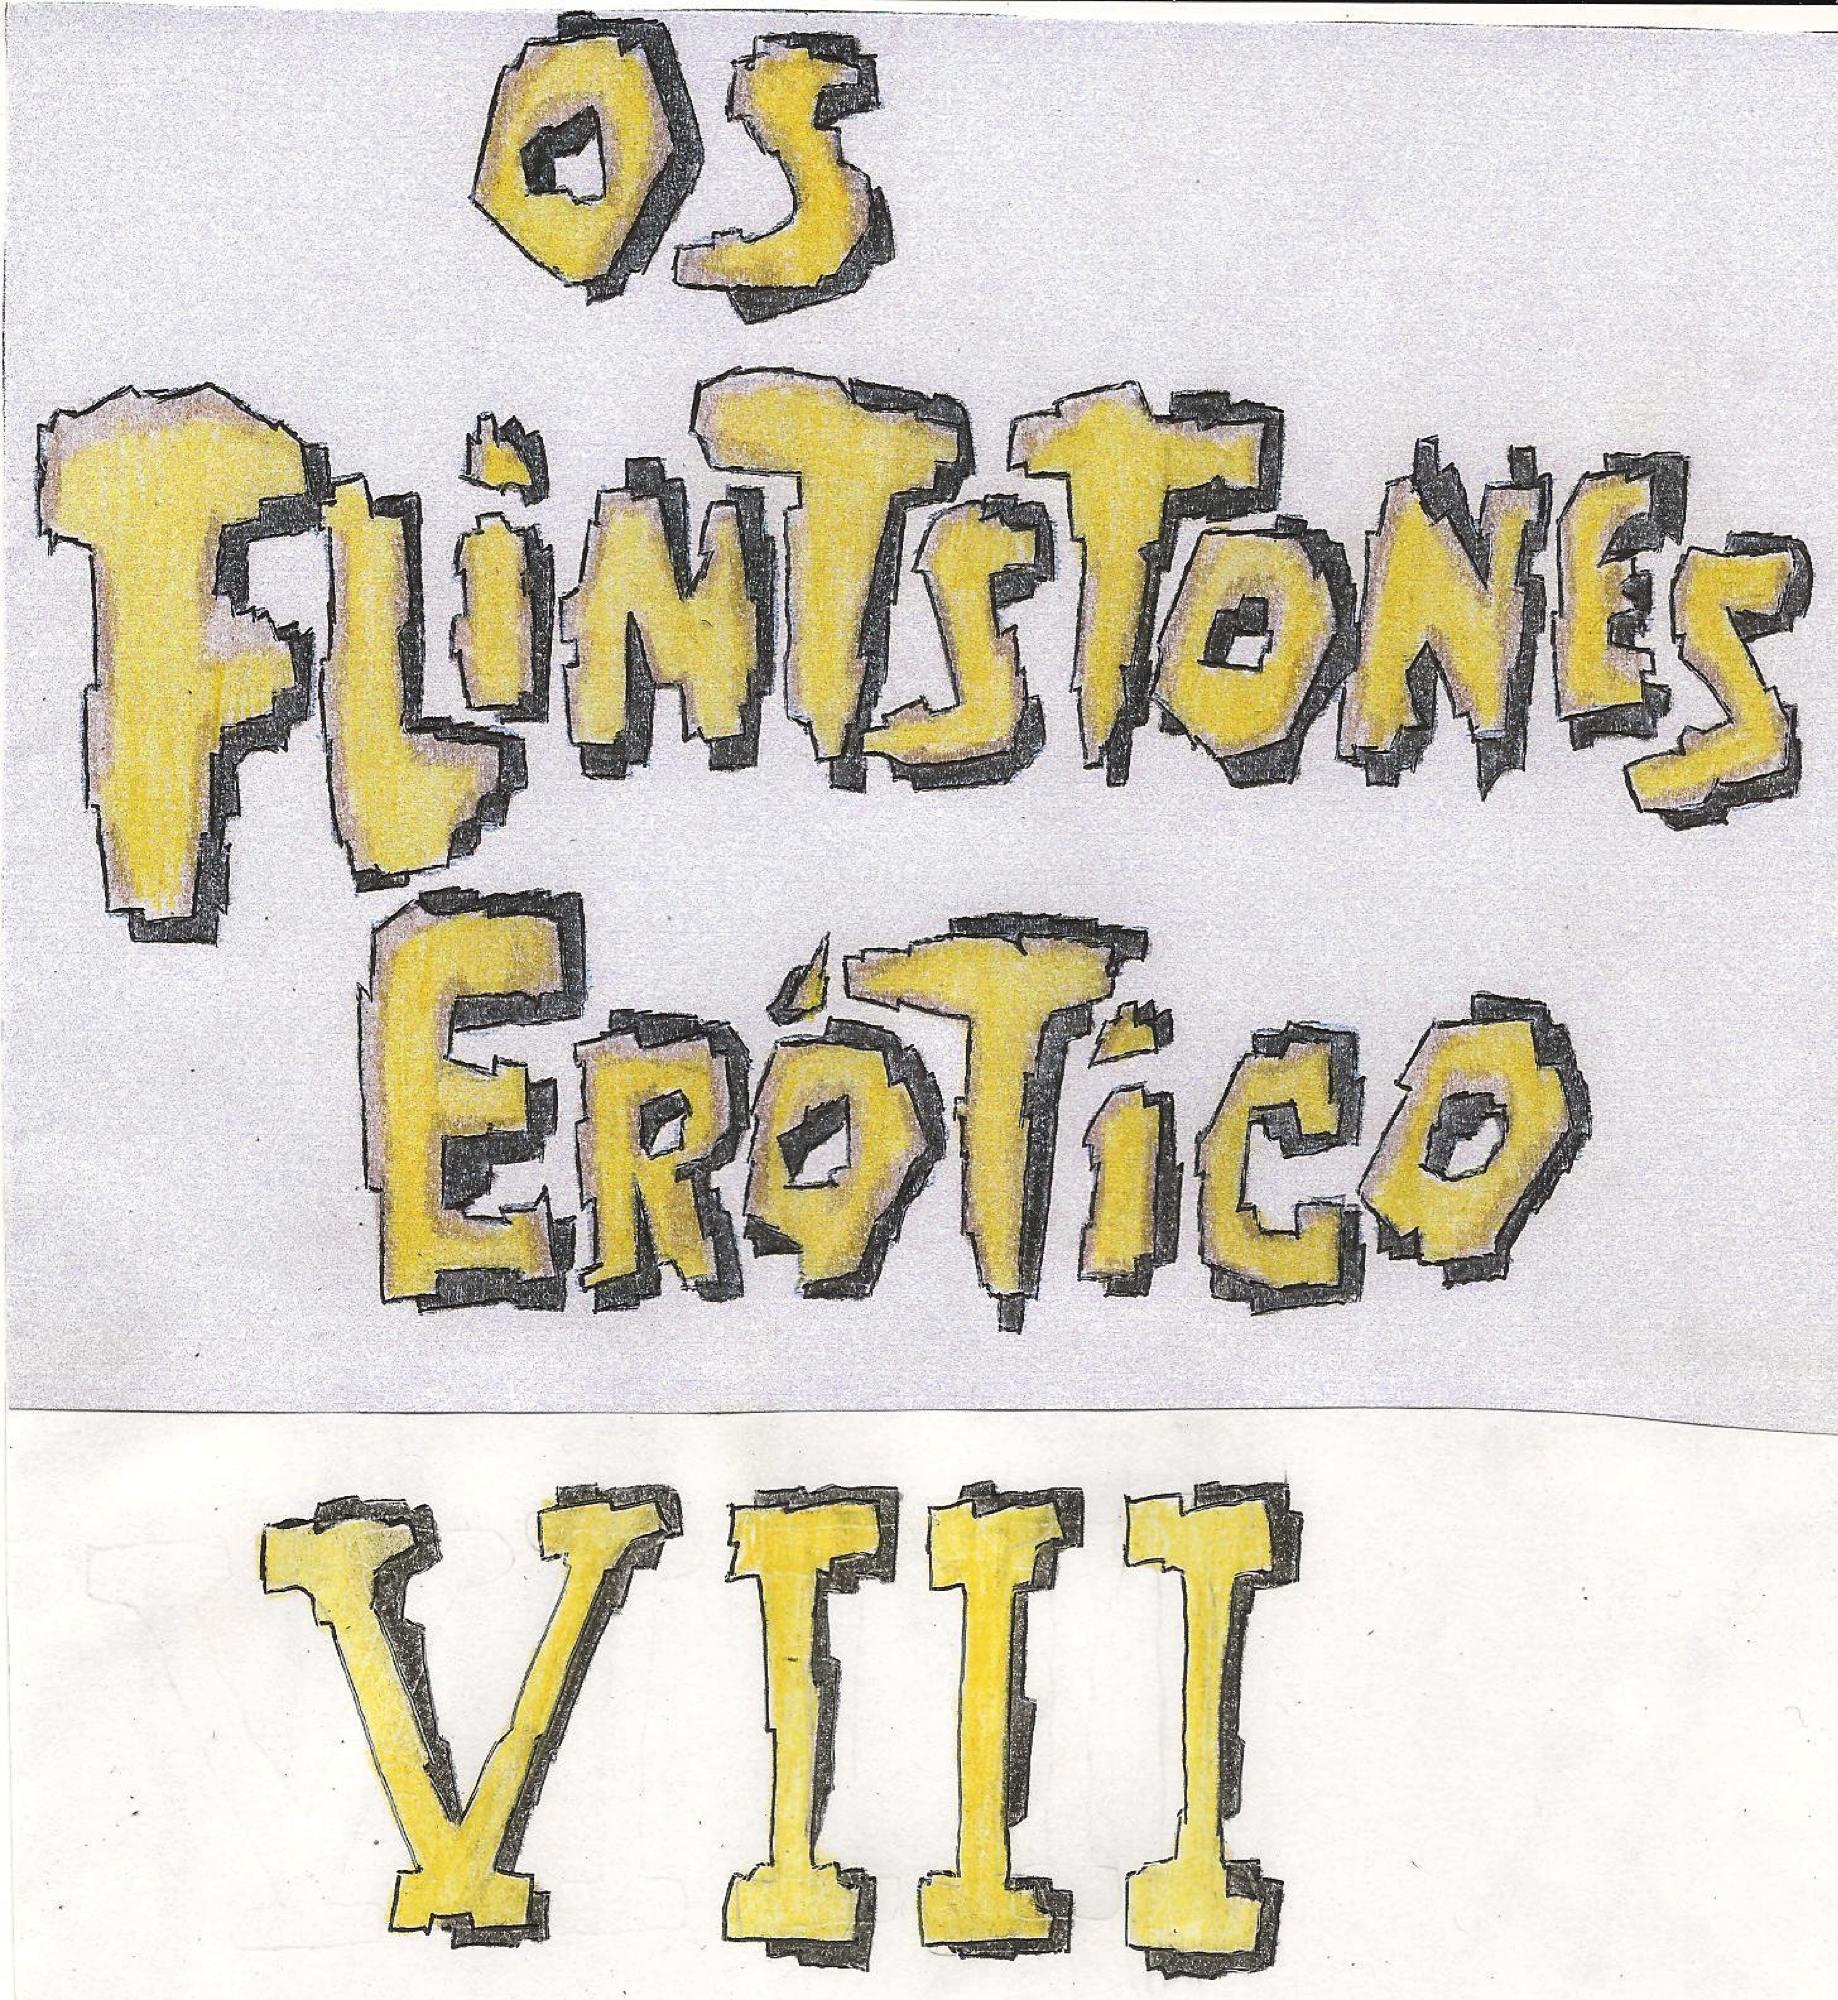 flinststones 8 com muita orgia rolando solta